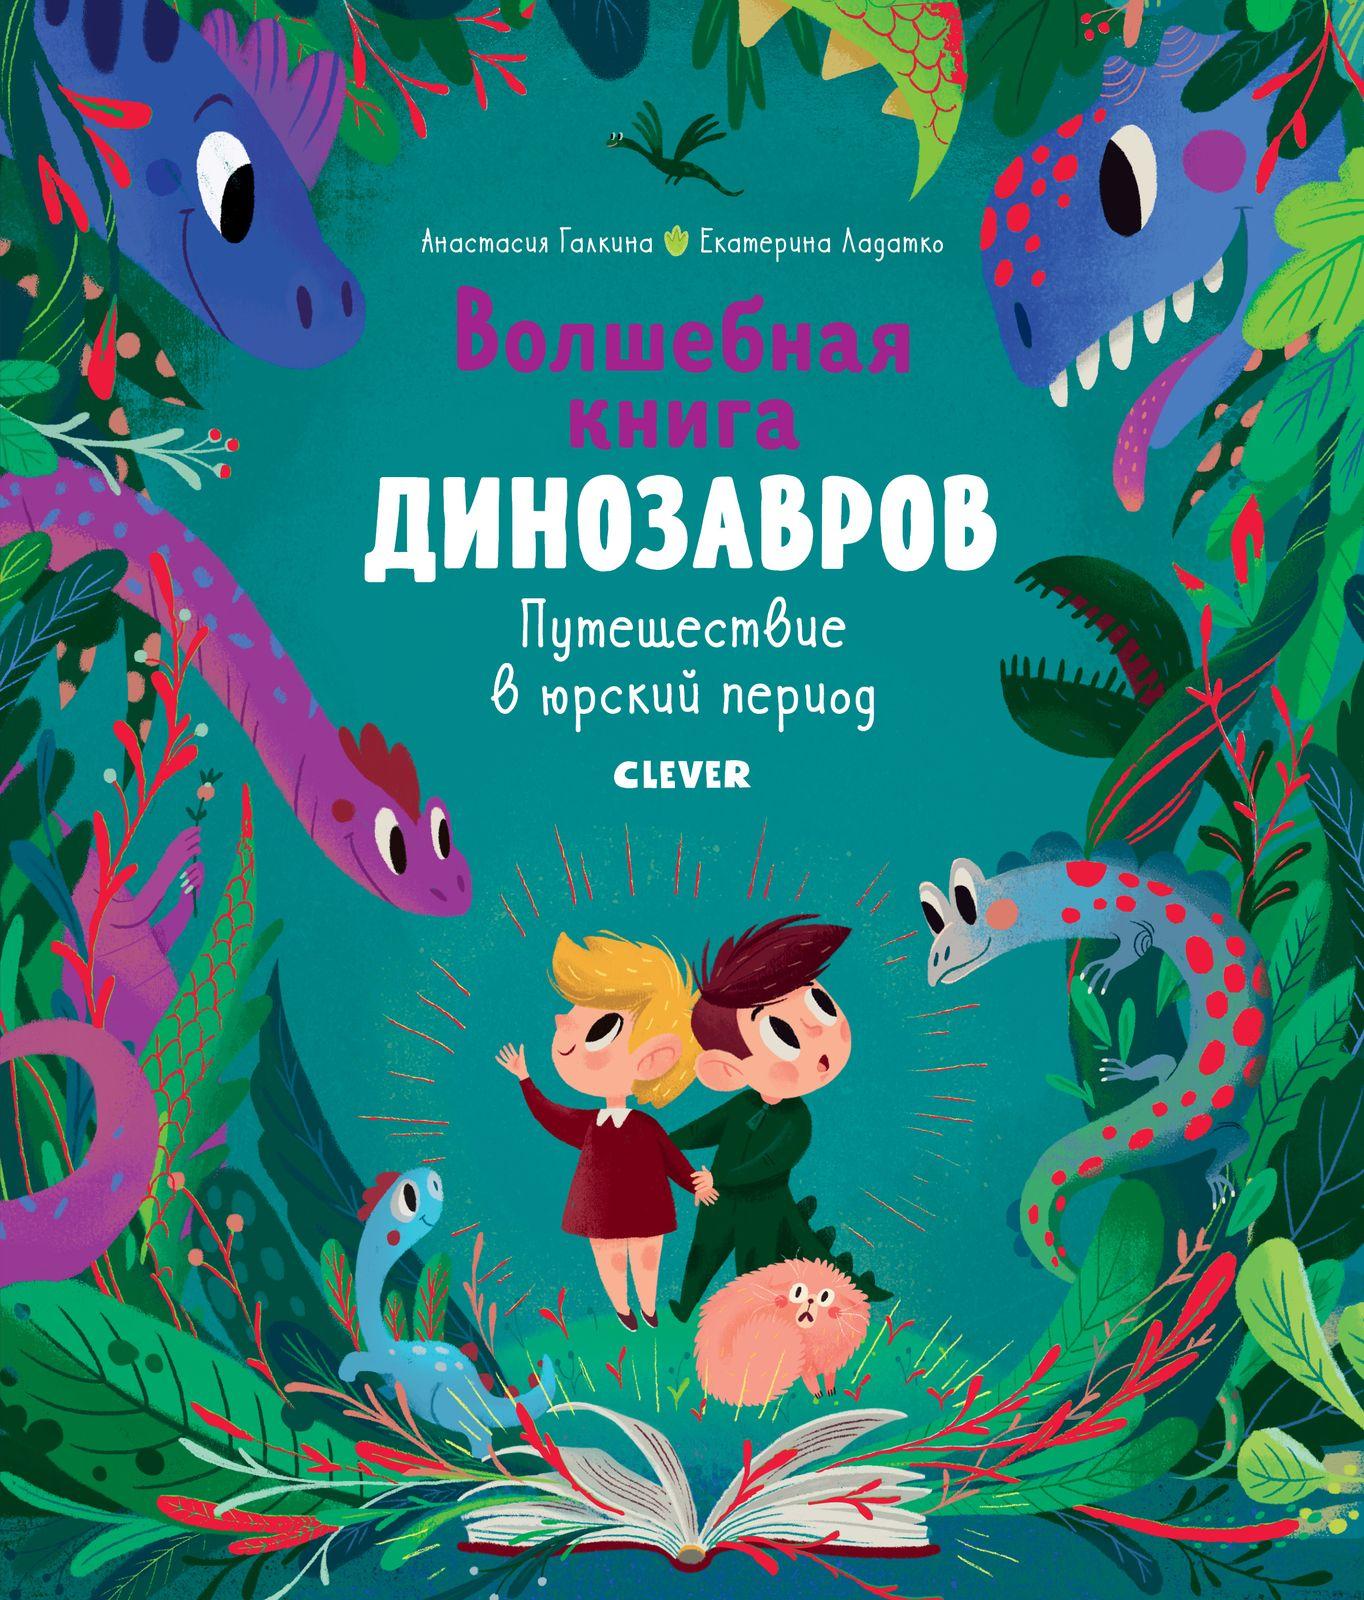 Купить Волшебная книга динозавров. Путешествие в юрский период, Издательство Клевер